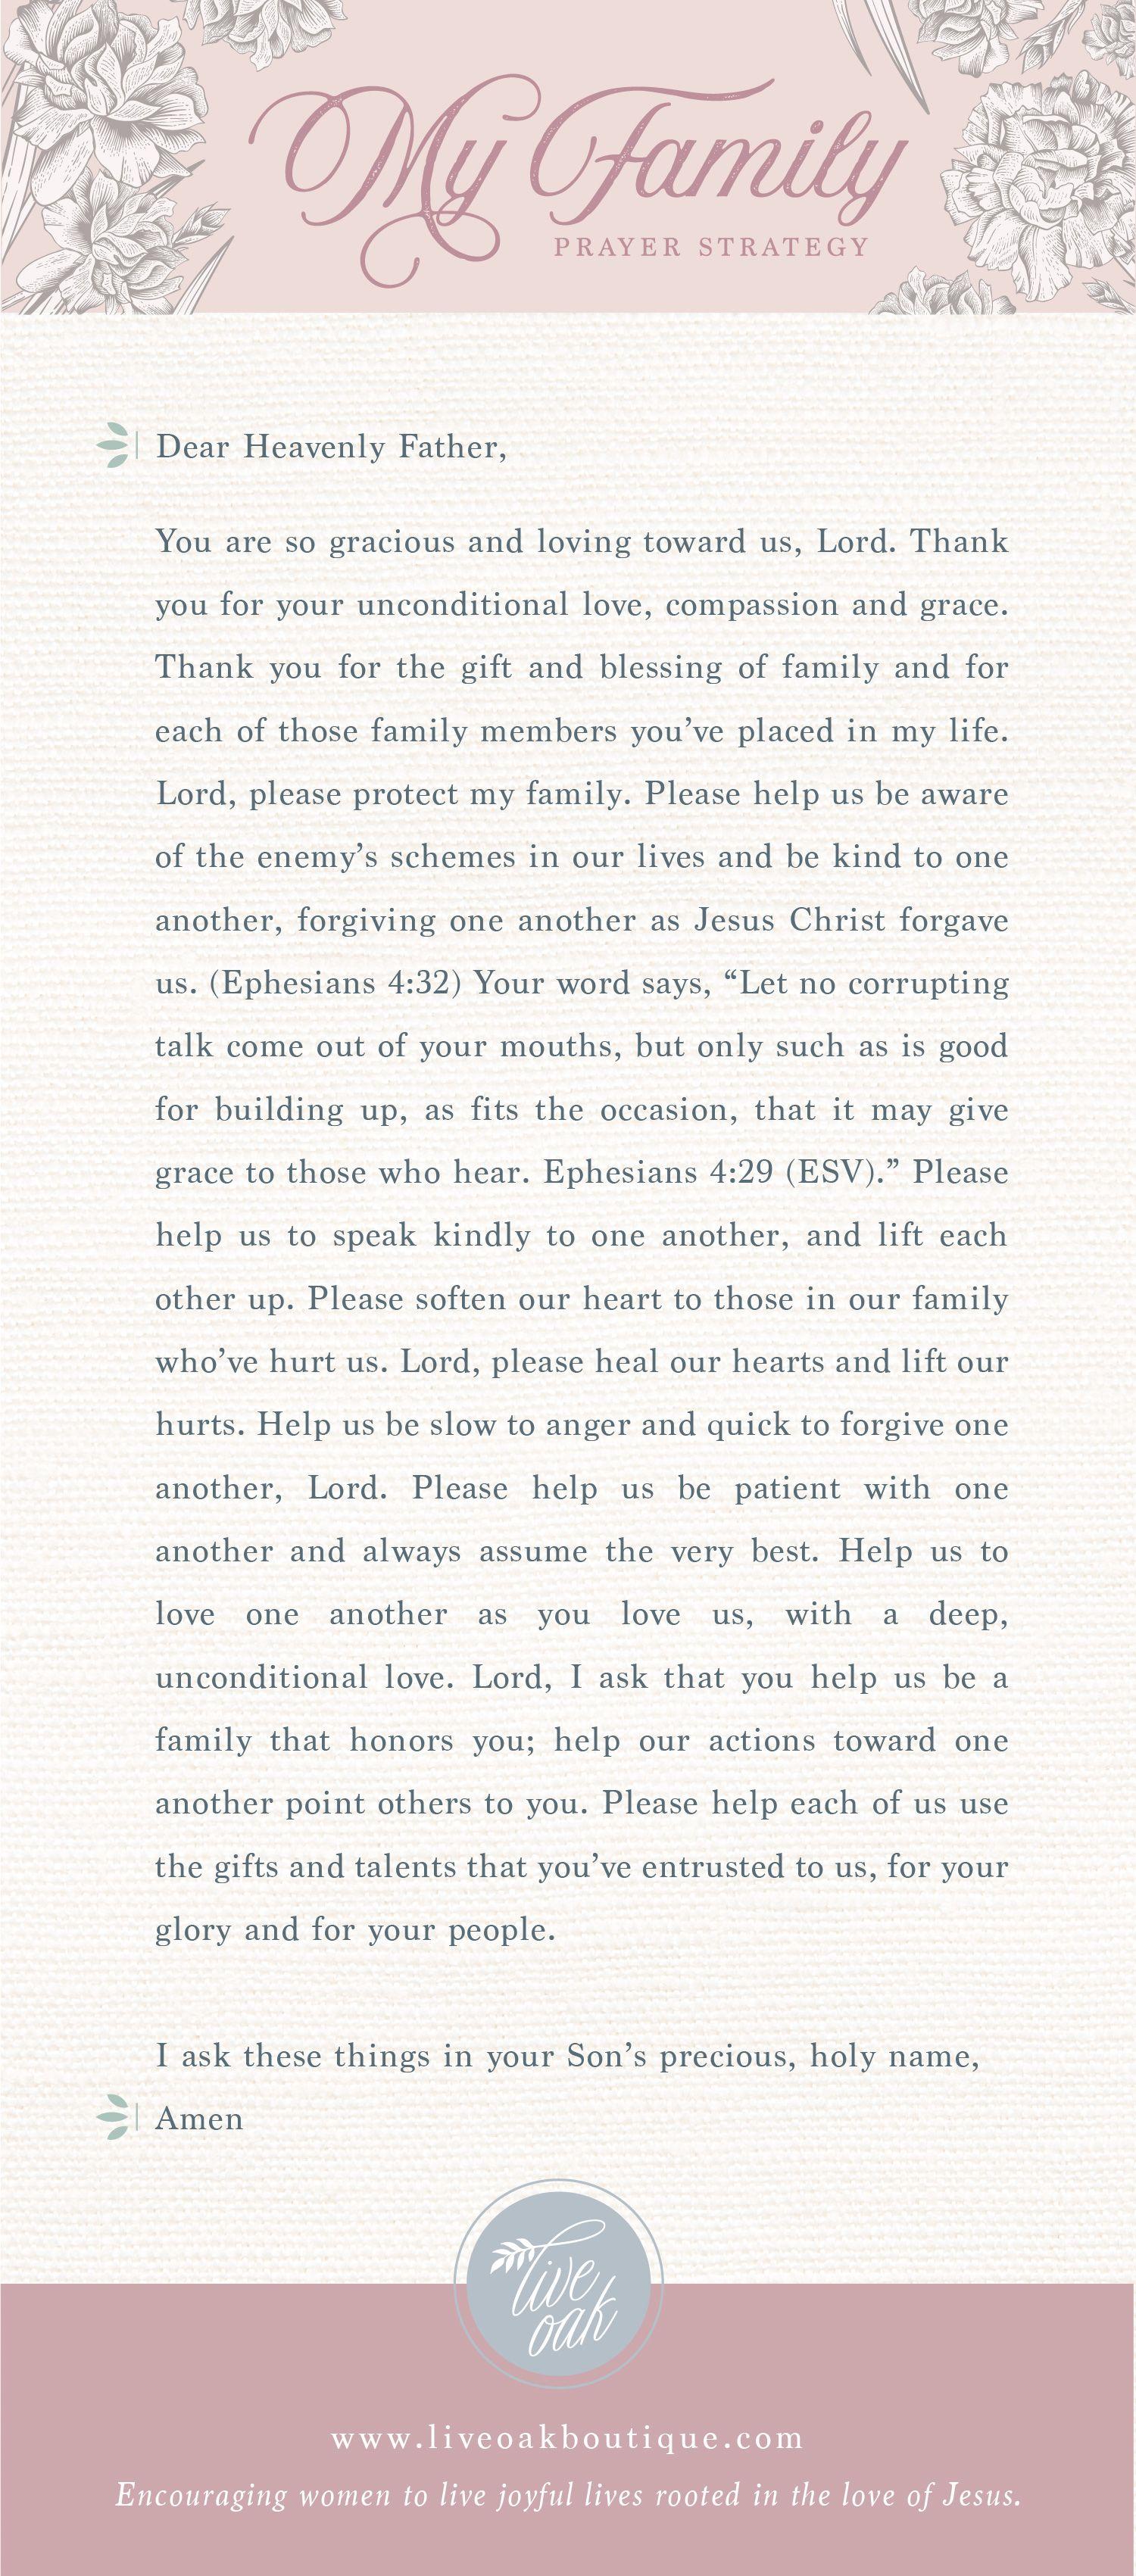 Fervent: Prayer Strategy for Family | War Binder | Prayer for family